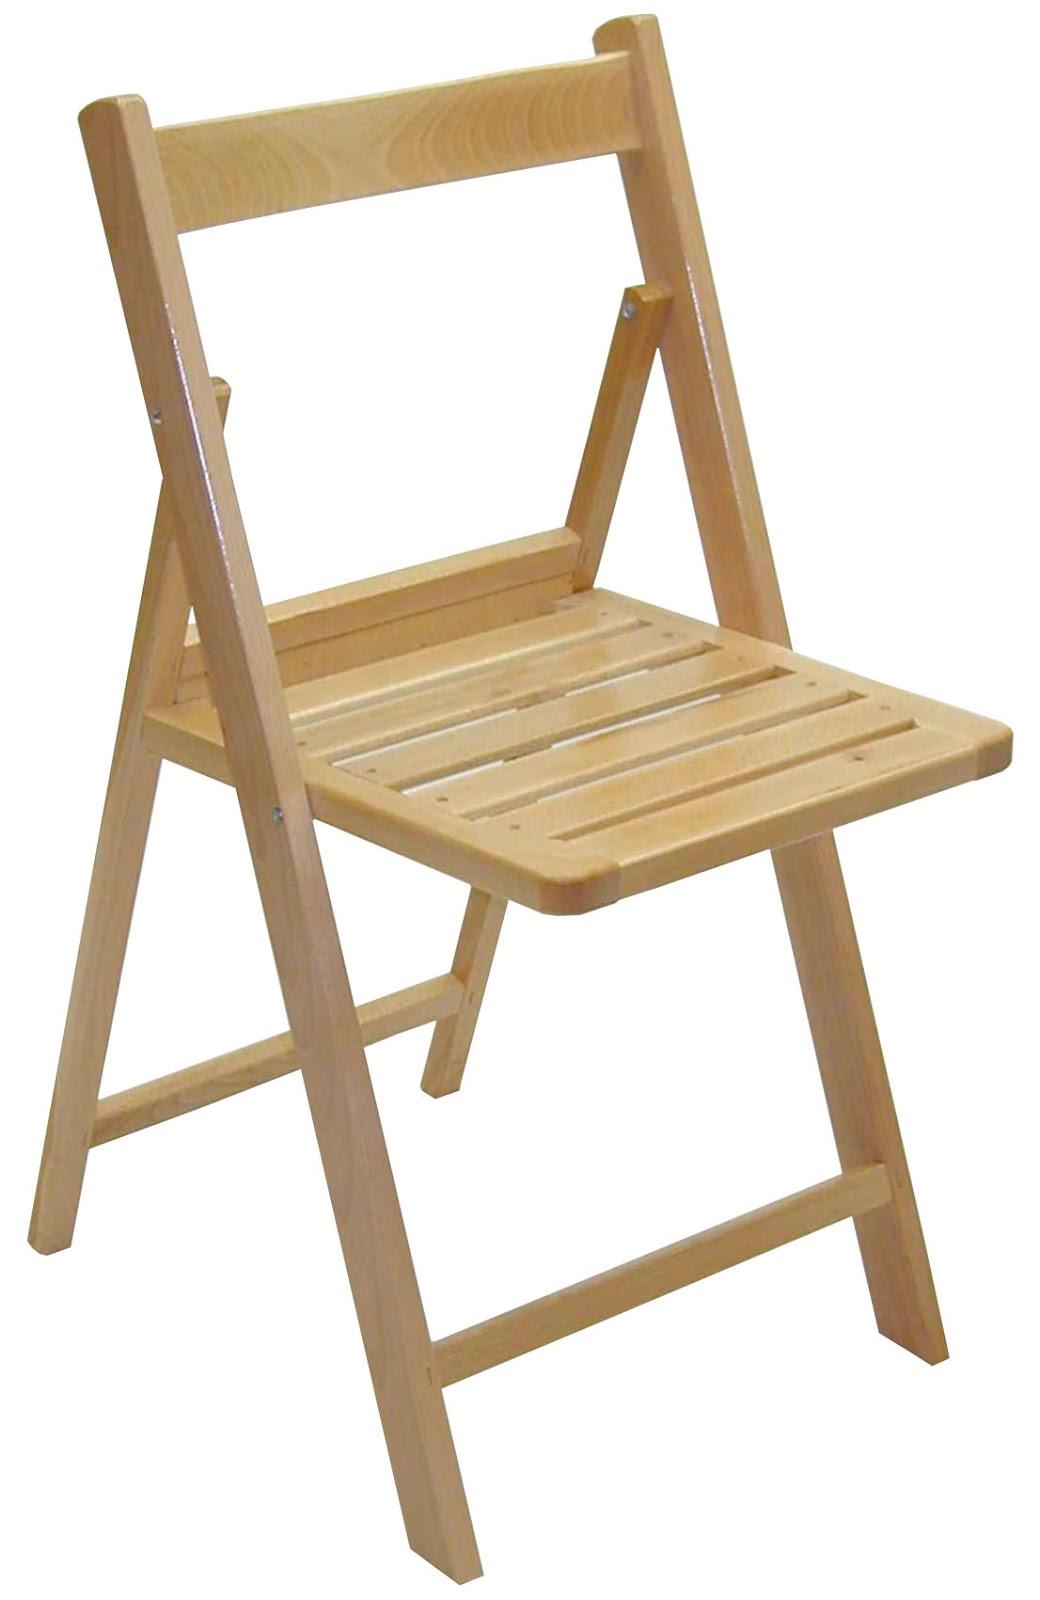 Docente bombal algunas sillas creativas de madera for Sillas madera baratas